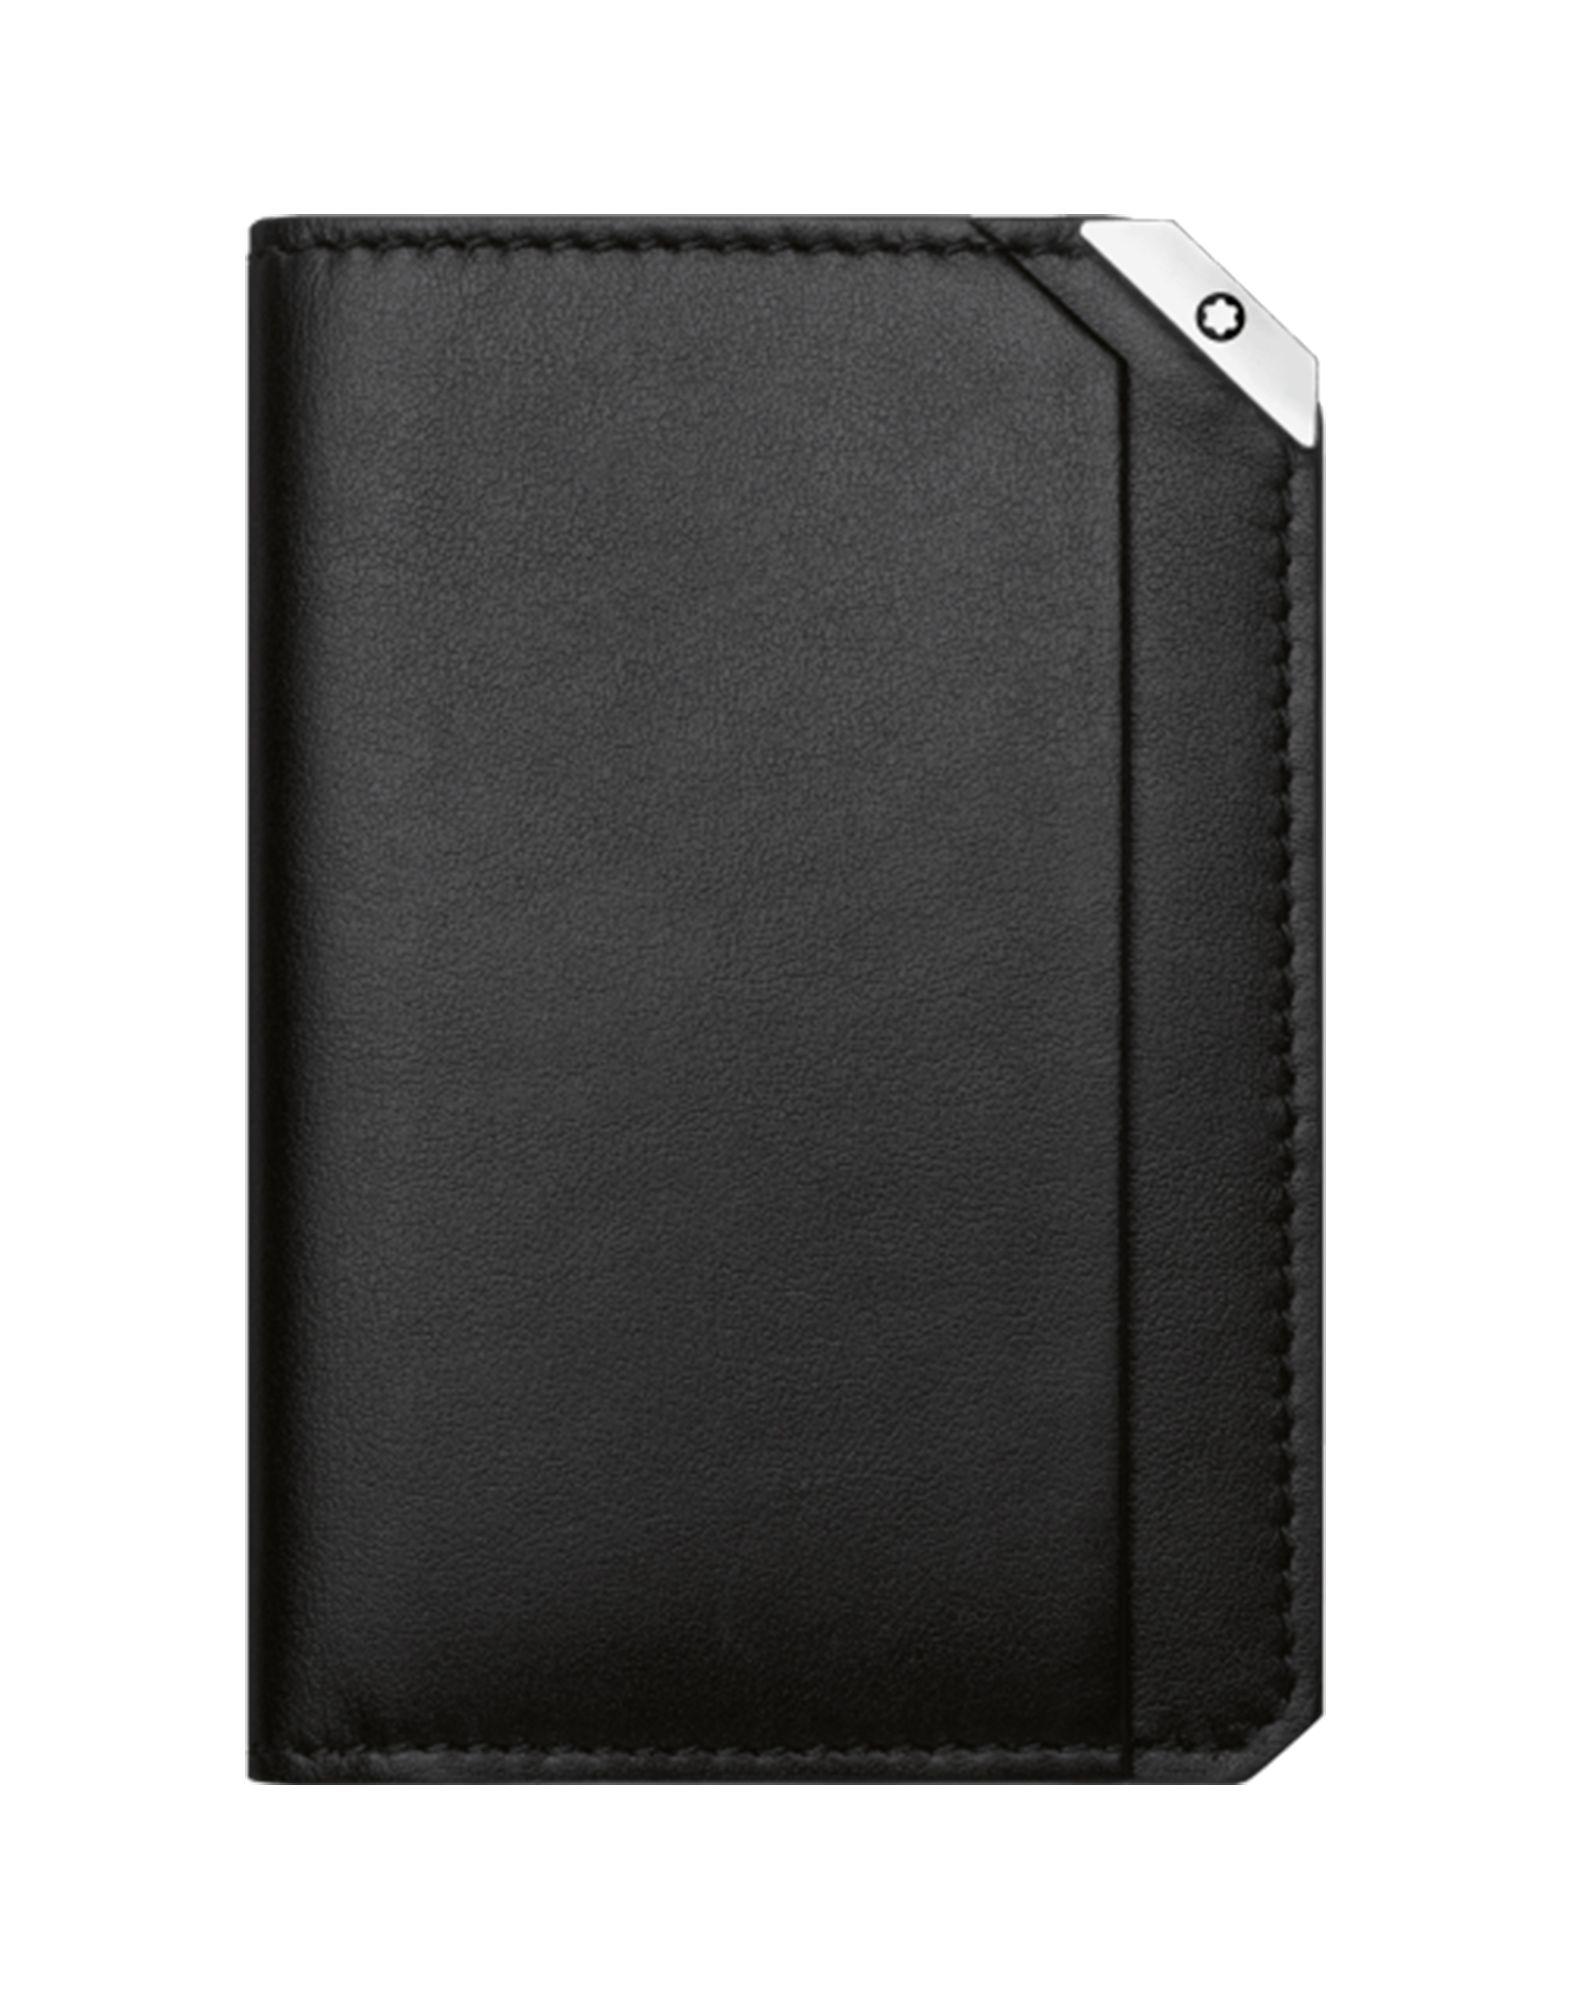 《送料無料》MONTBLANC メンズ ドキュメントホルダー ブラック 牛革(カーフ) 100% URBAN SPIRIT BUSINESS CARD HOLDER